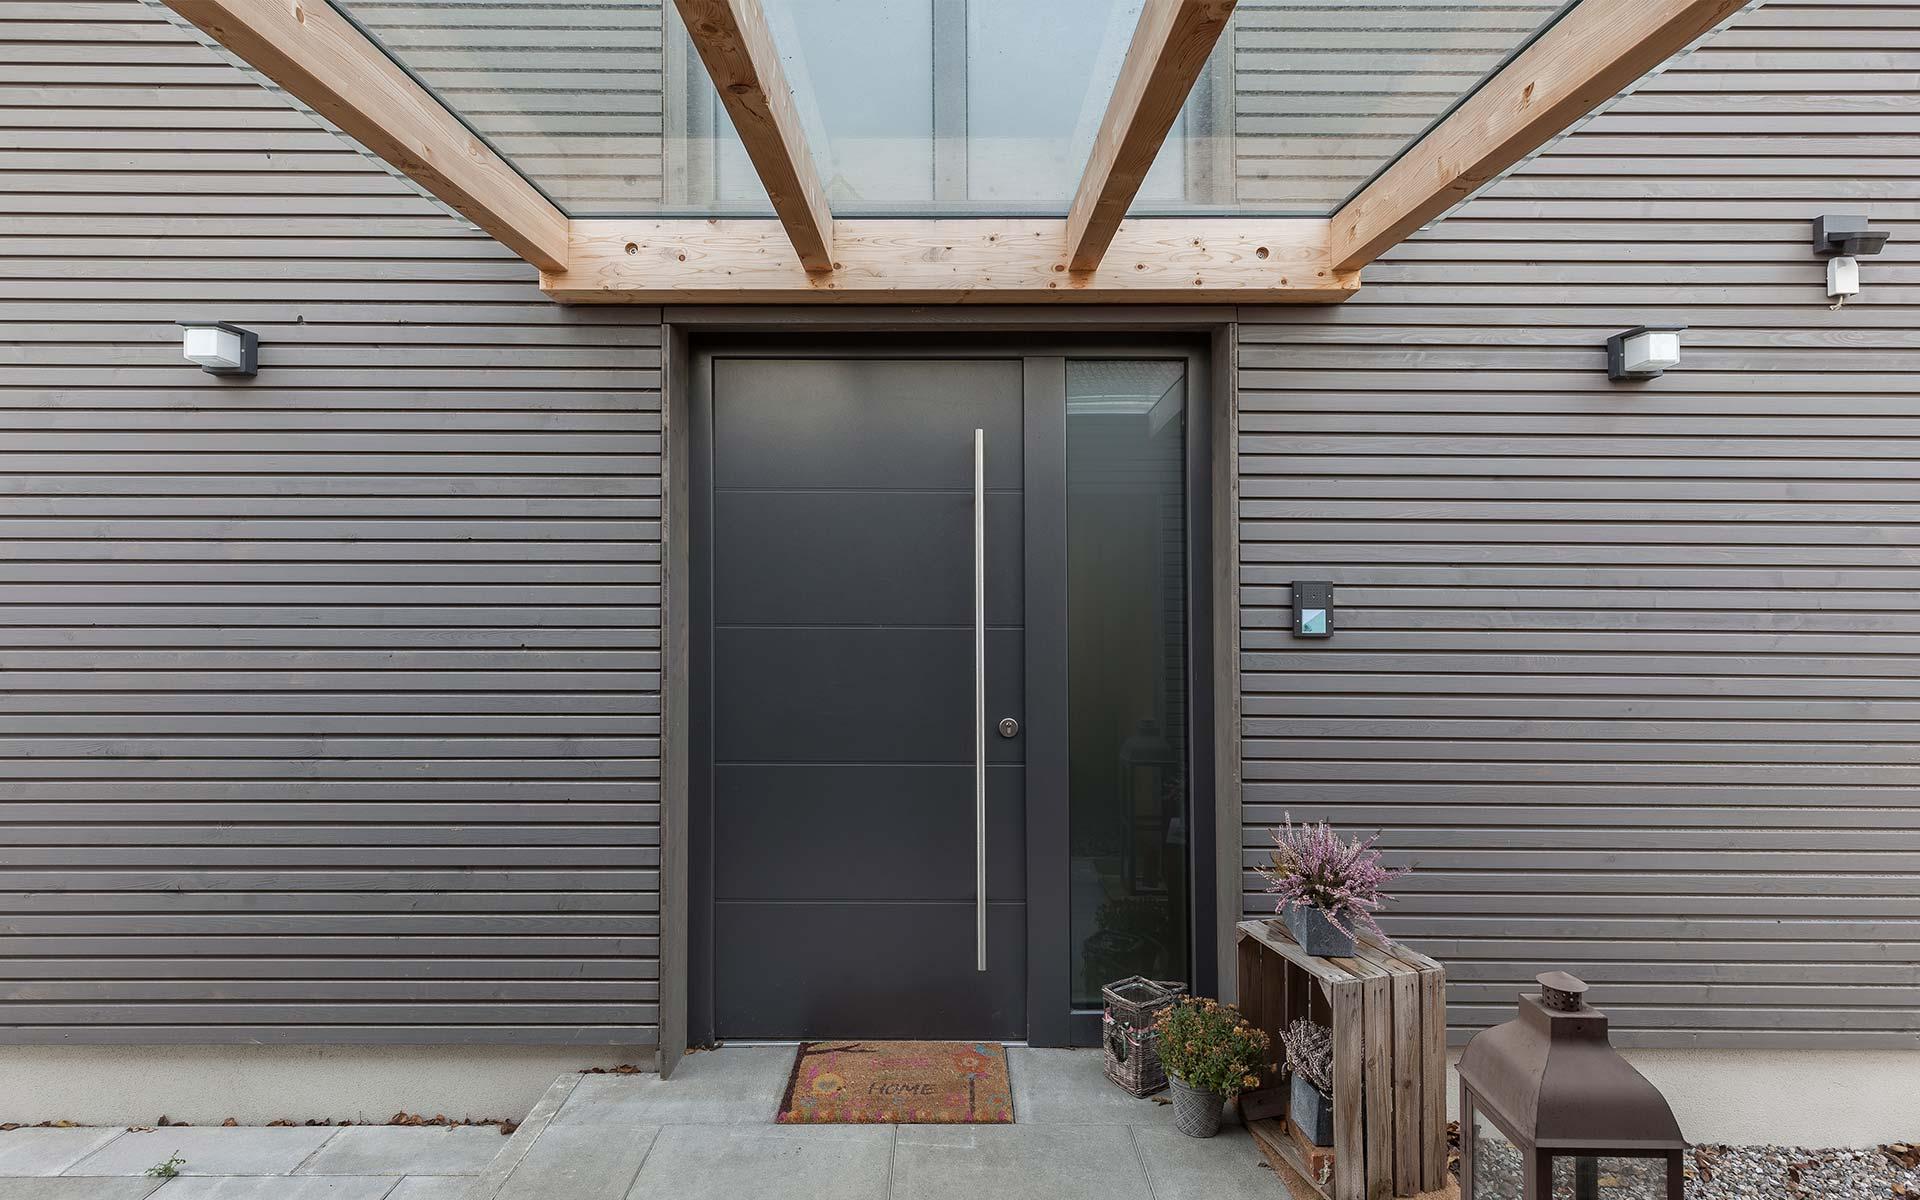 Eingangsbereich mit Vordach